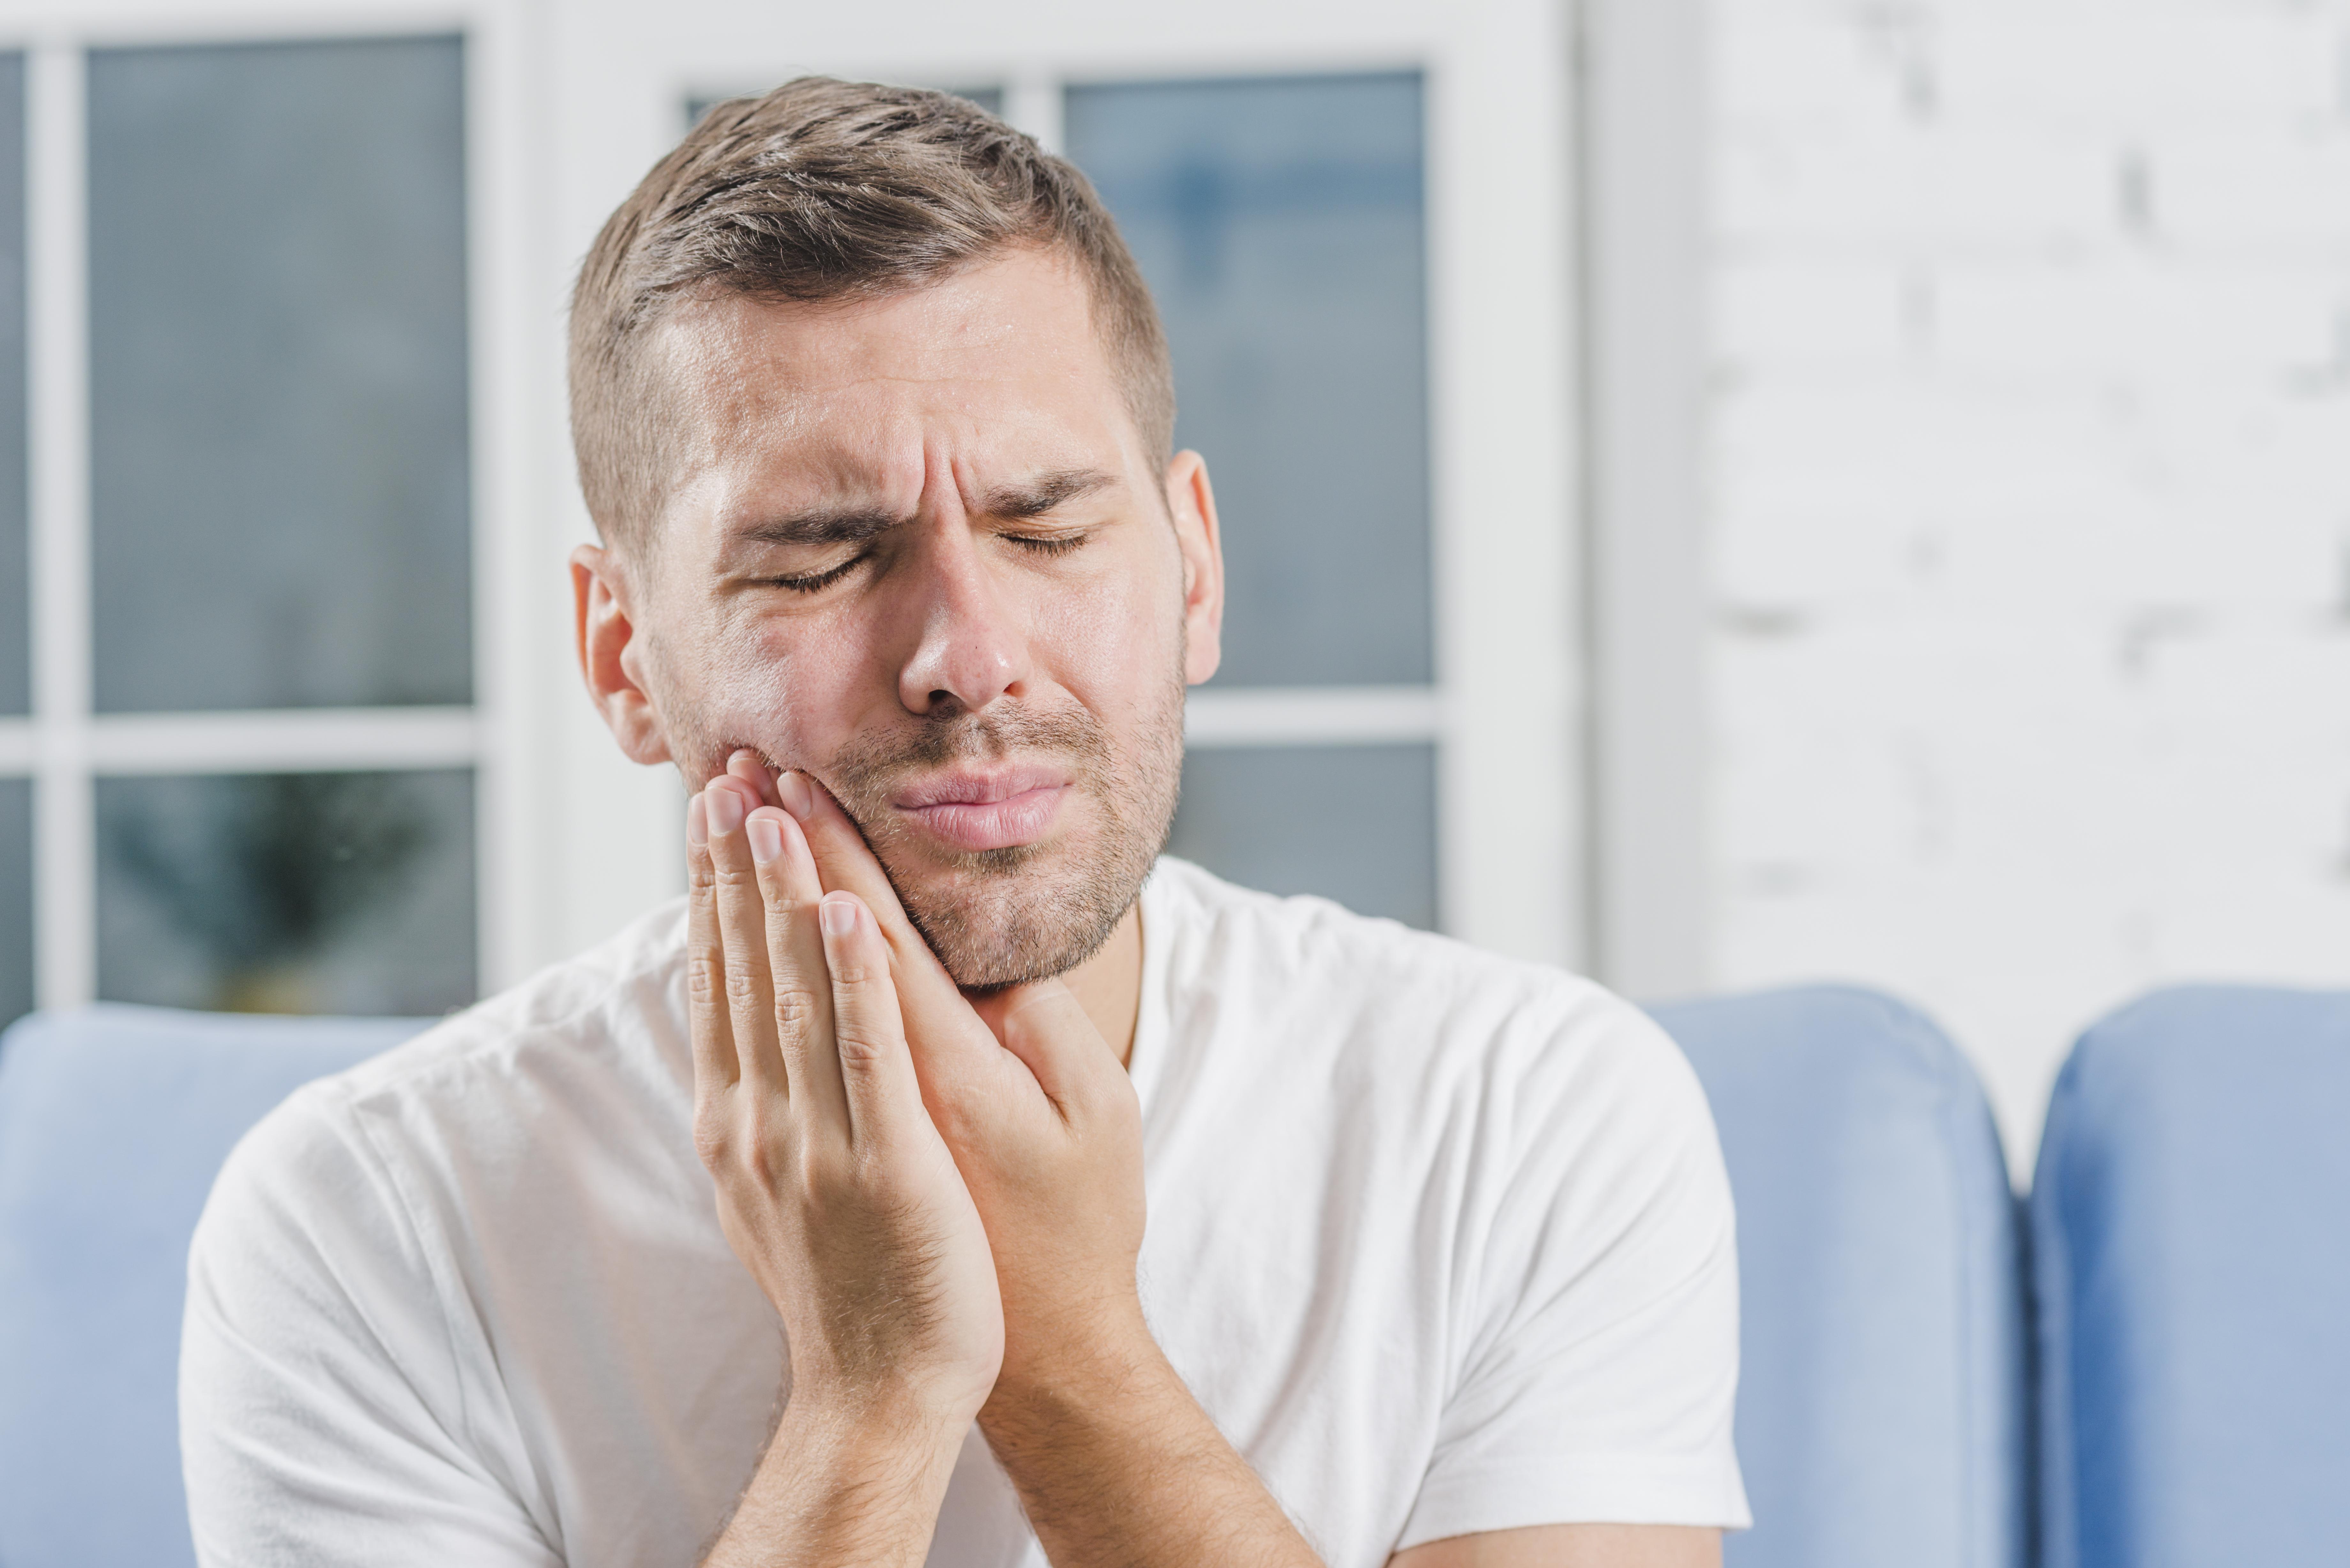 Кариес может вызвать различные проблемы со здоровьем